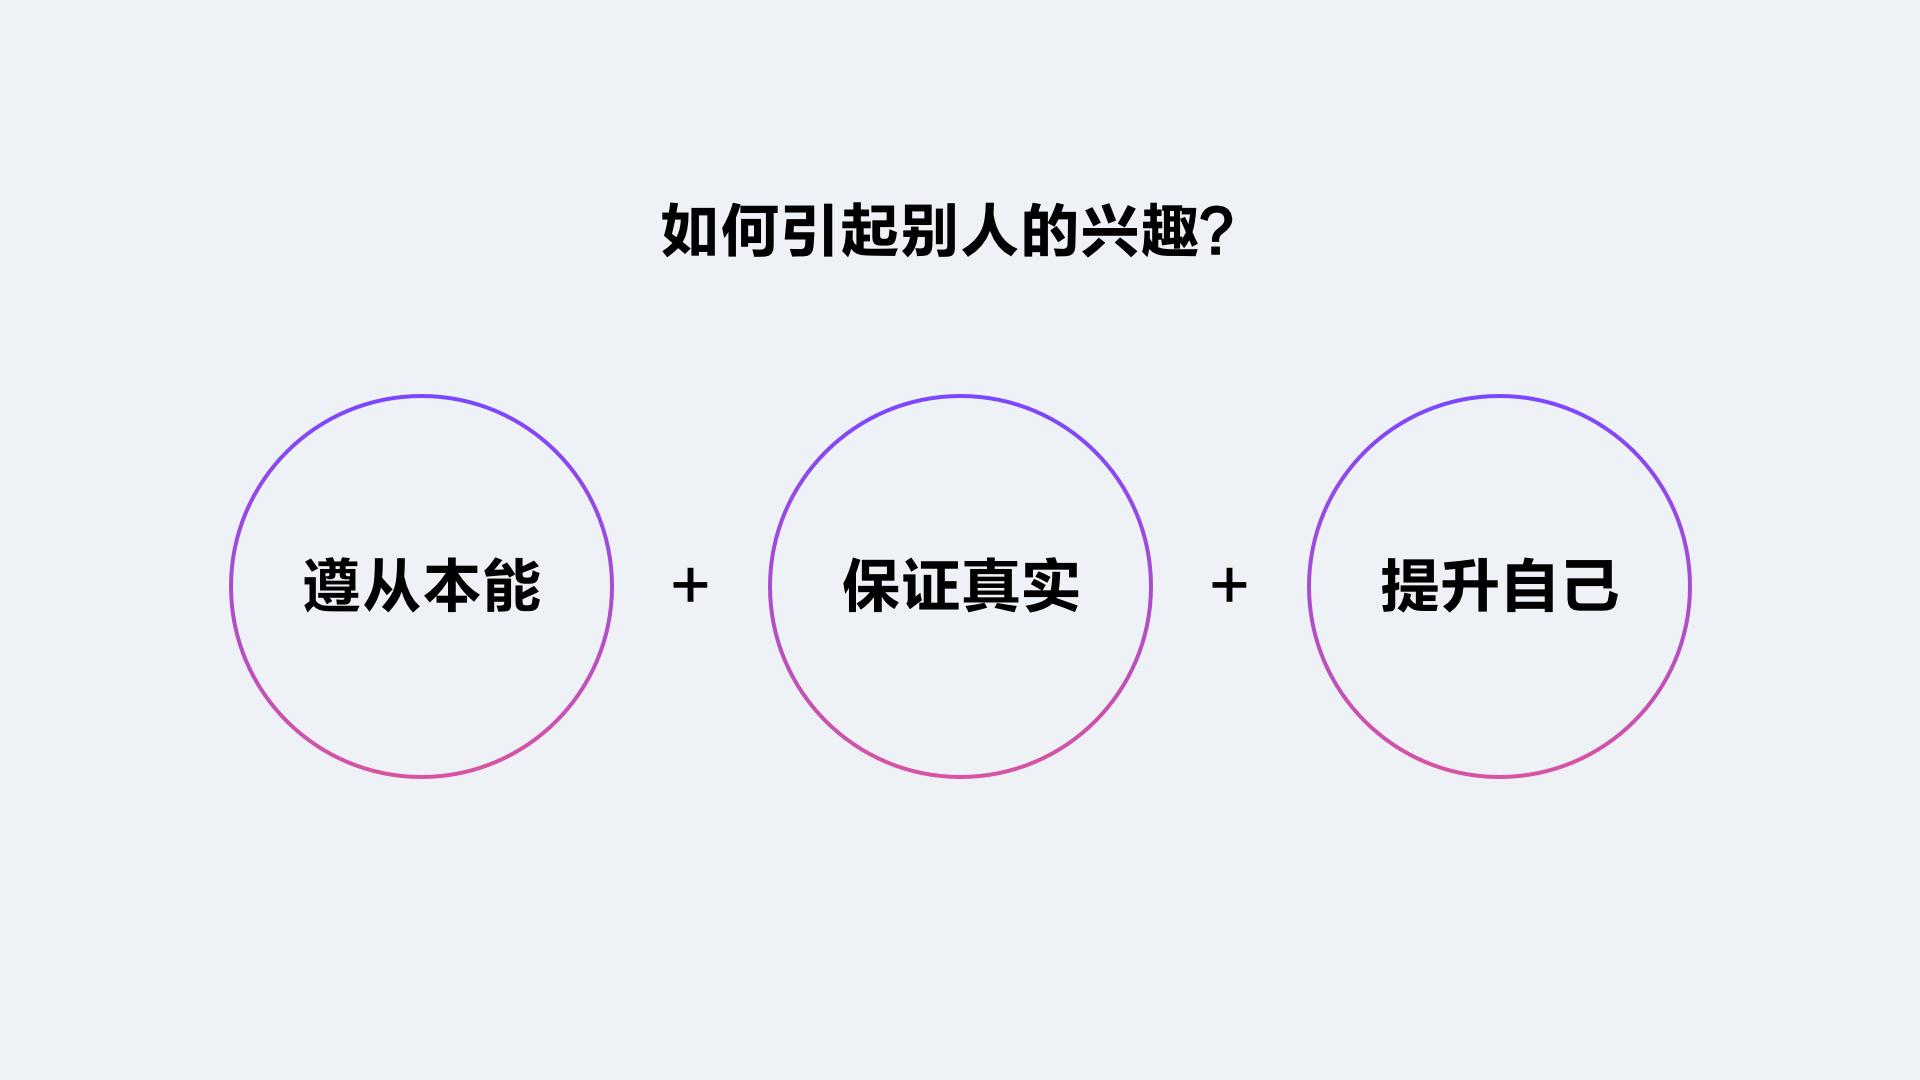 陌生人社交设计引力公式